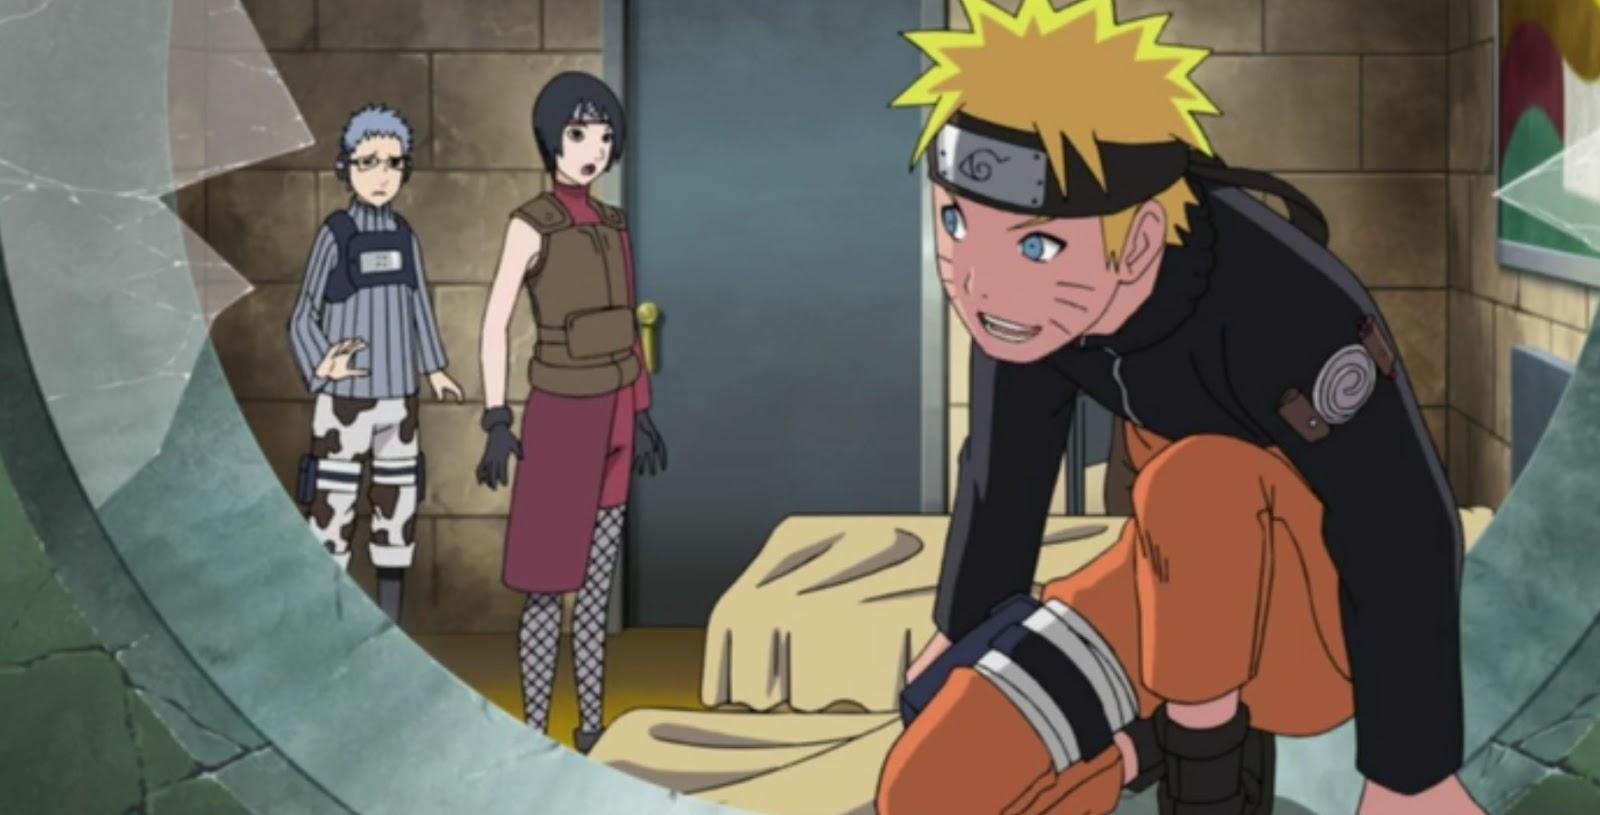 Naruto Shippuden Episódio 242, Assistir Naruto Shippuden Episódio 242, Assistir Naruto Shippuden Todos os Episódios Legendado, Naruto Shippuden episódio 242,HD